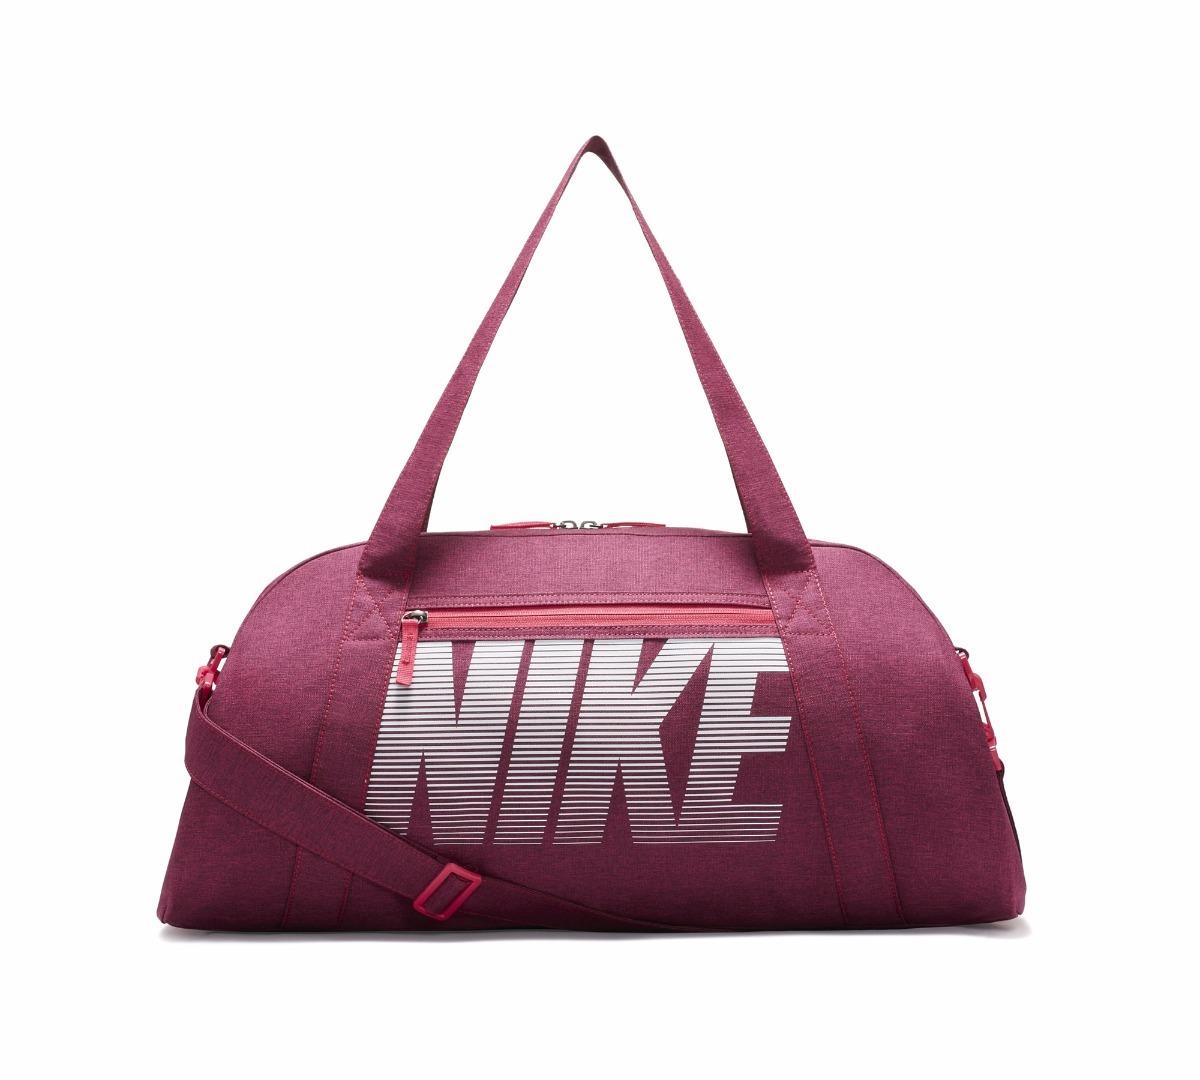 Nike Mujer El Descuentos Bolso Baratas Off66 De Hasta Ivbfgy6Y7